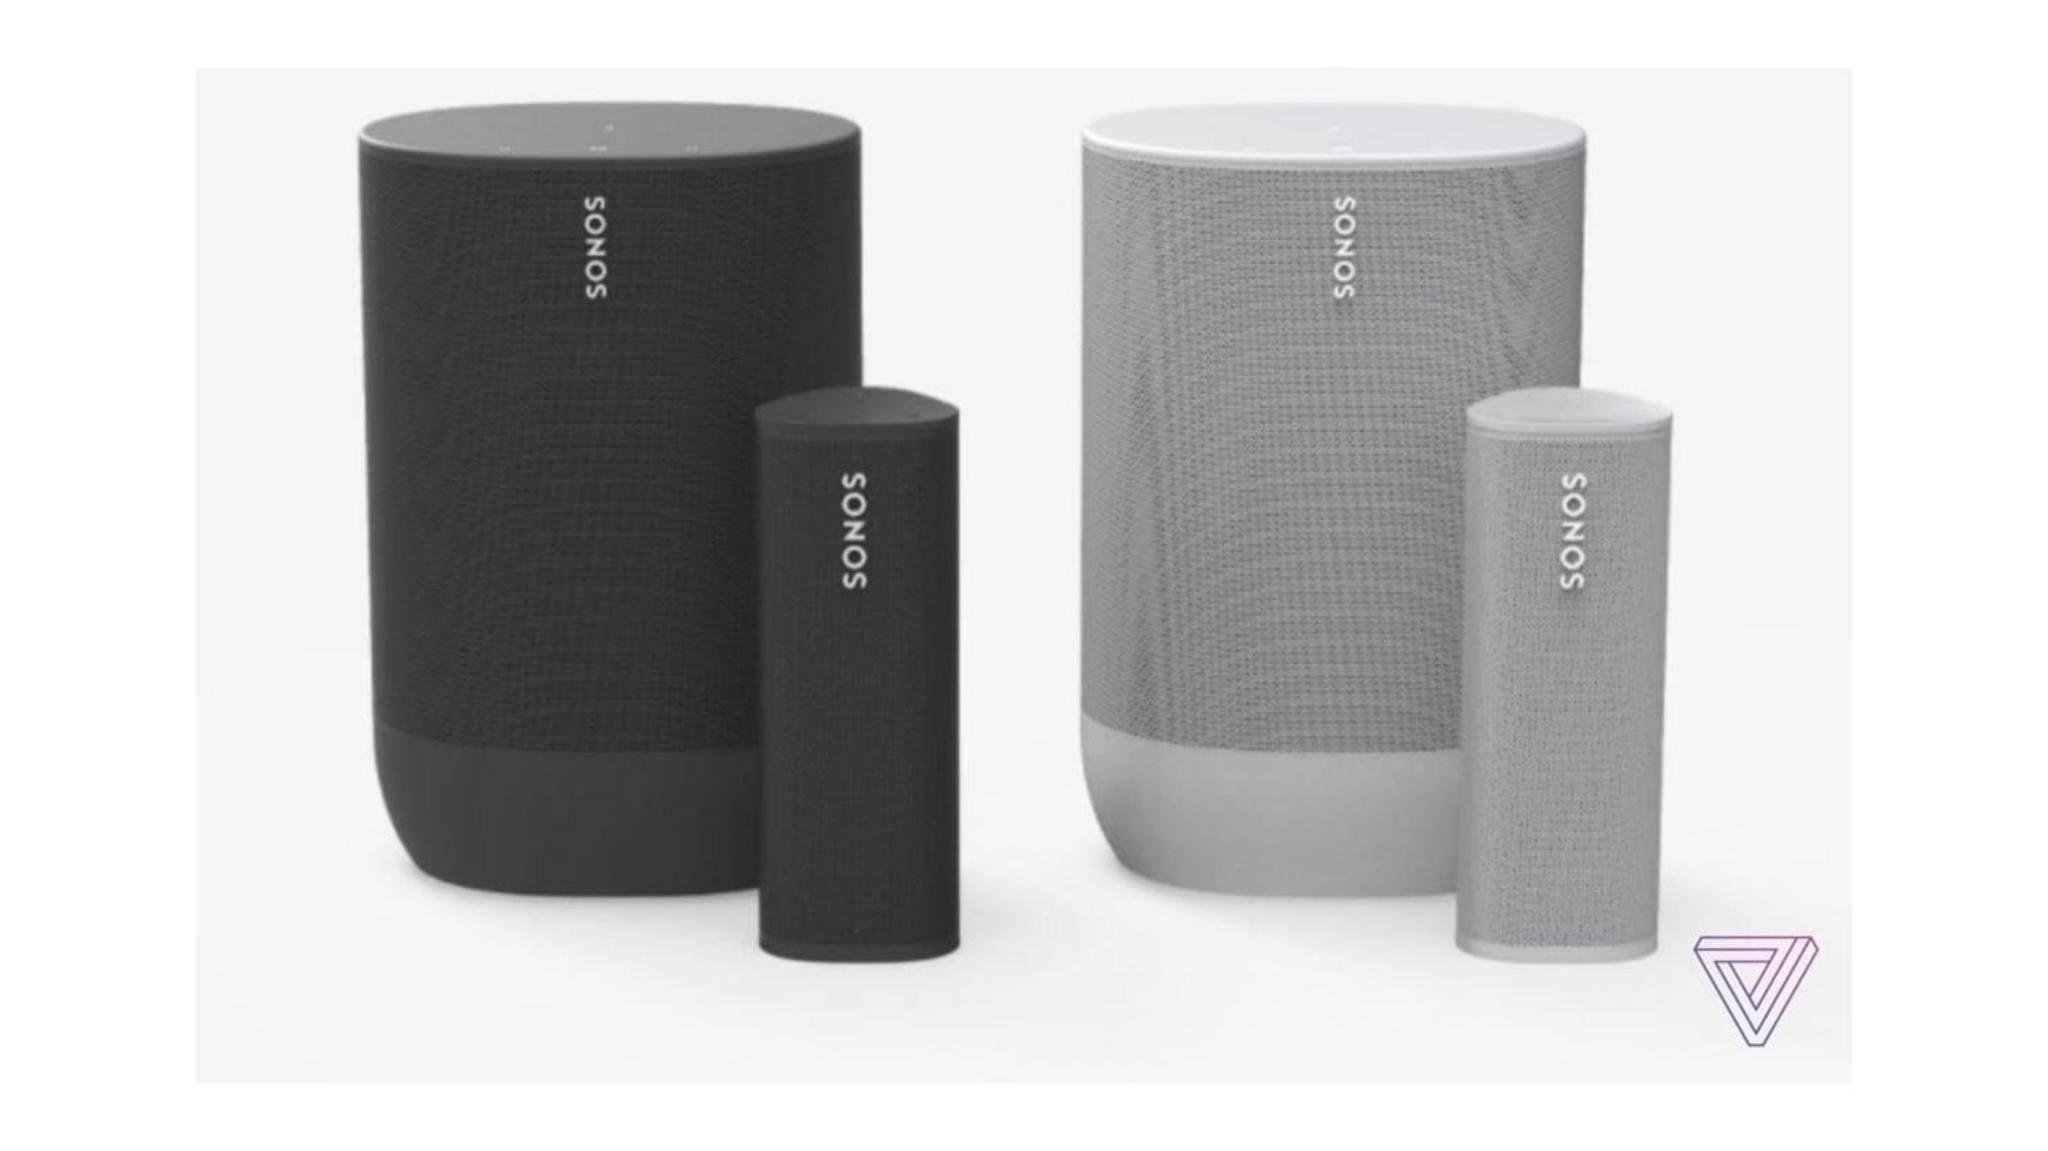 Kompakter und günstiger als der Sonos Move: der Roam steht kurz vor dem Release.